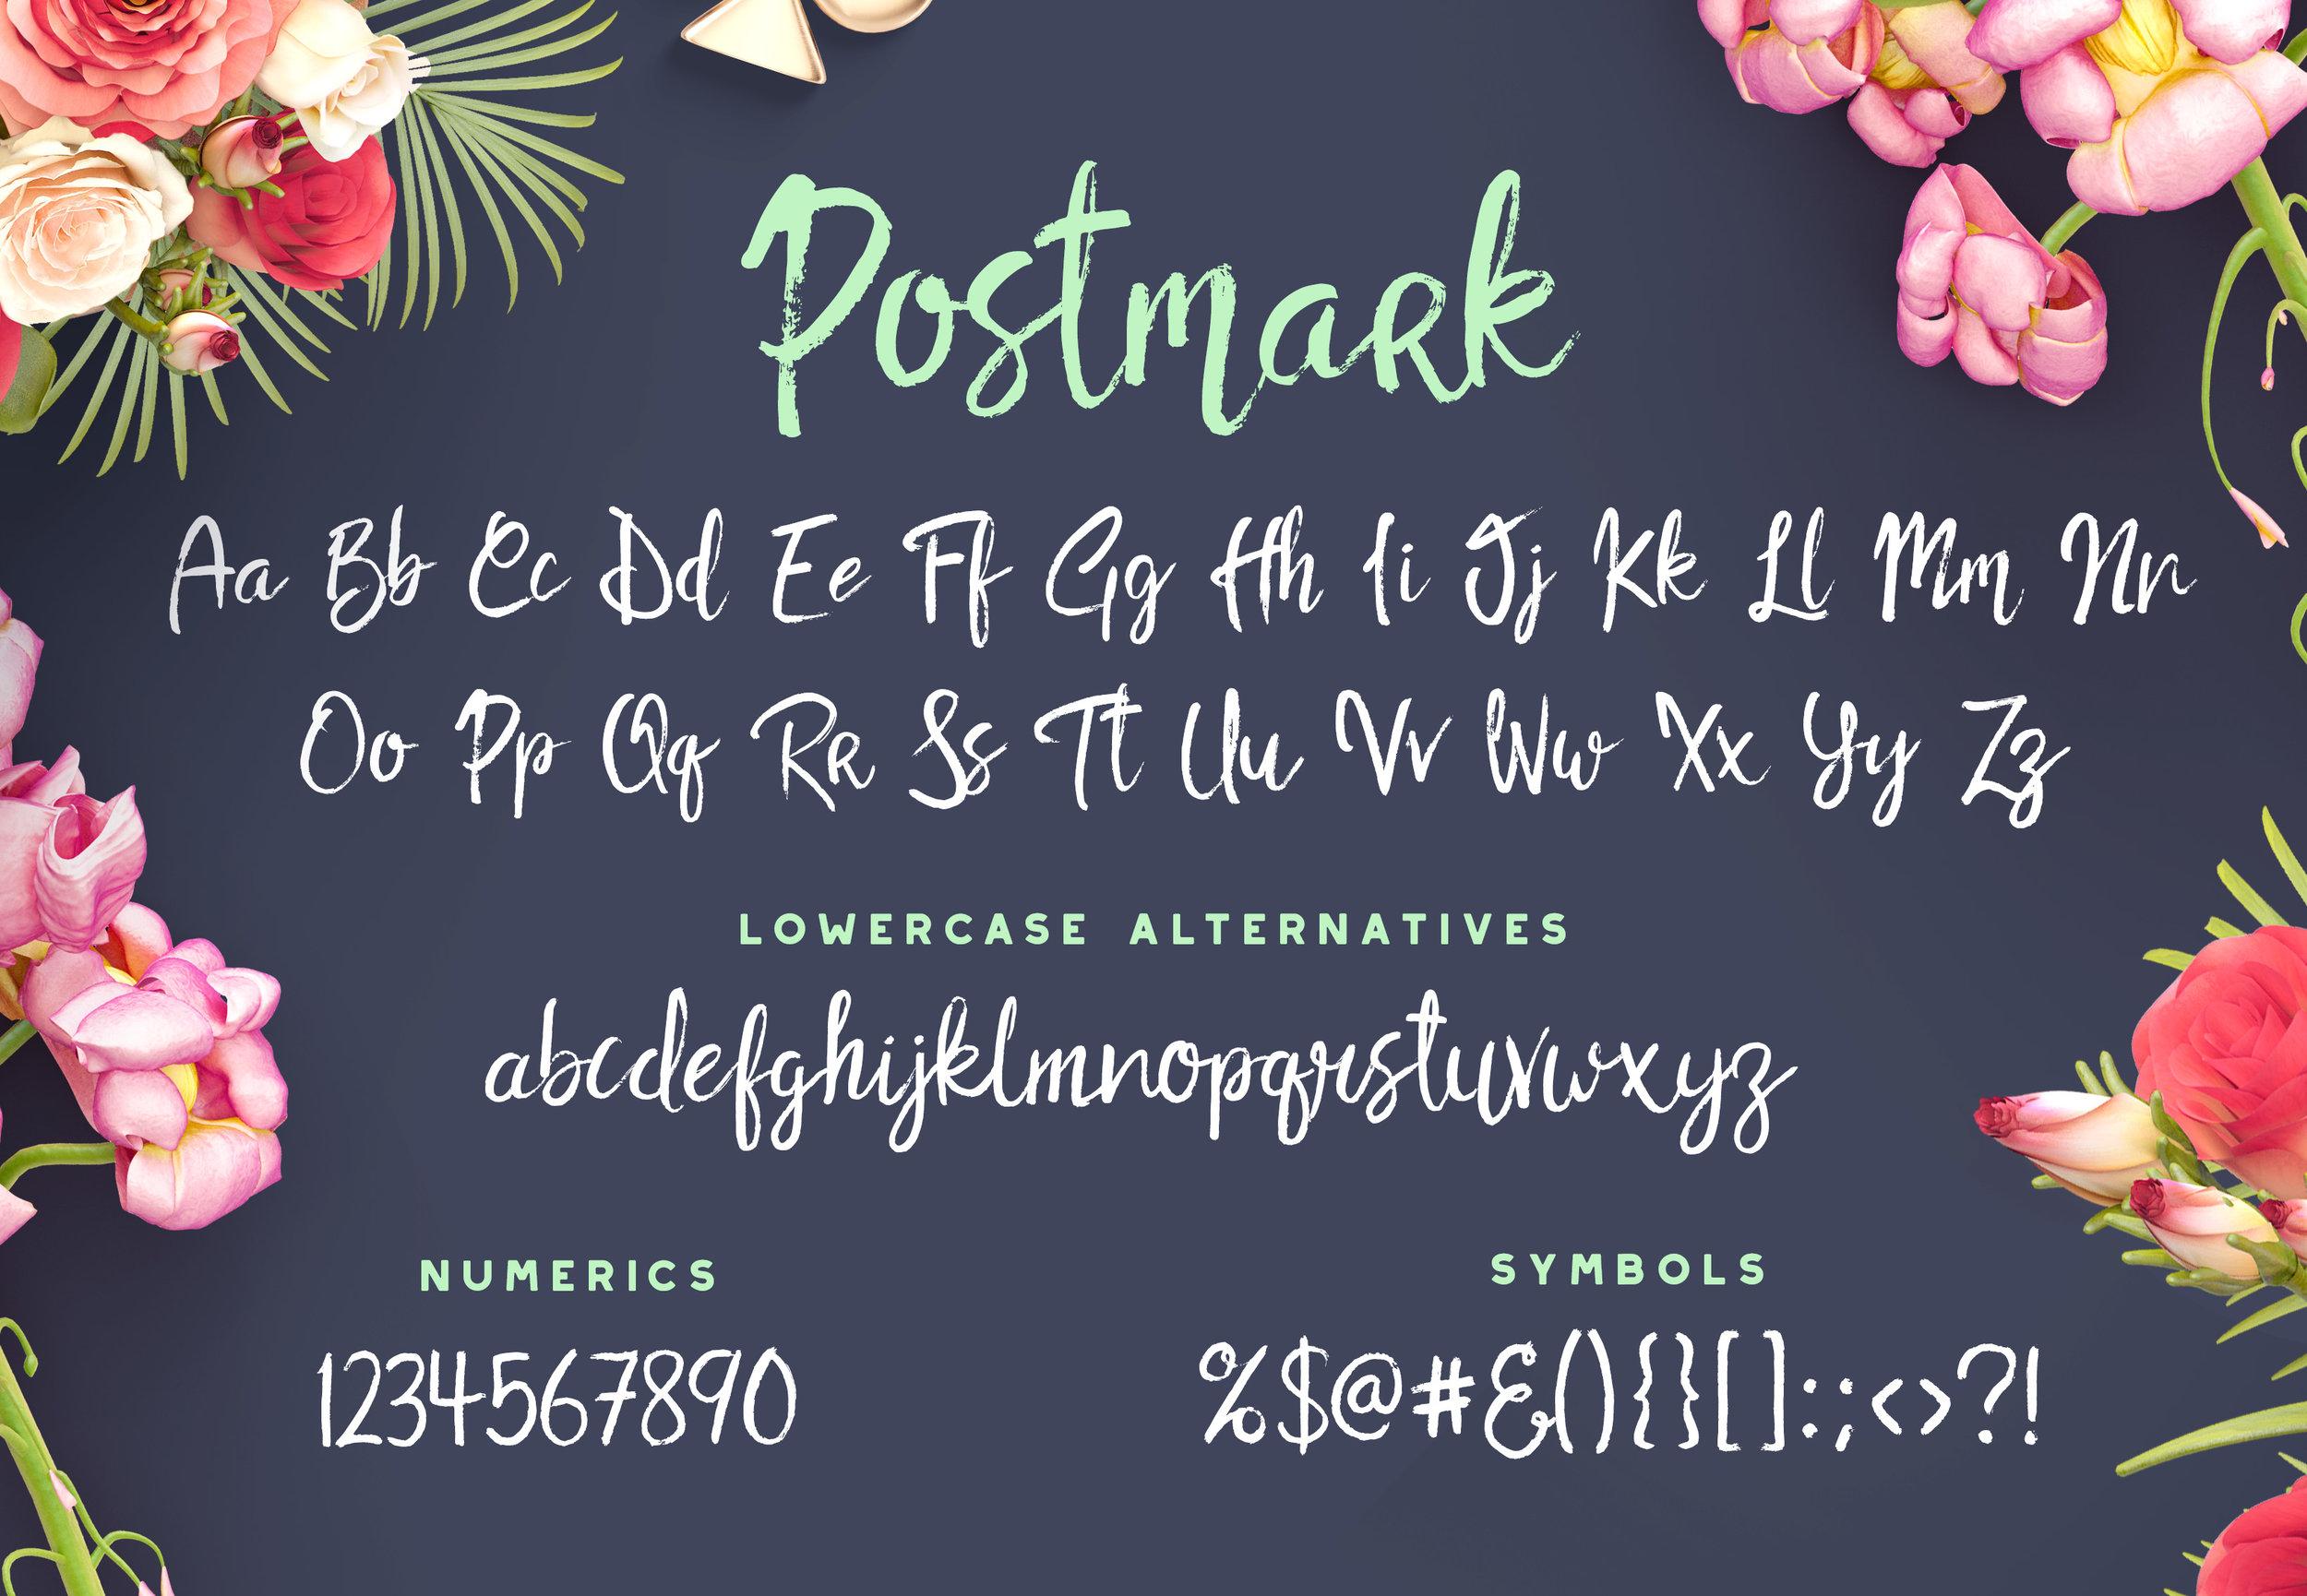 Postmark_5.jpg